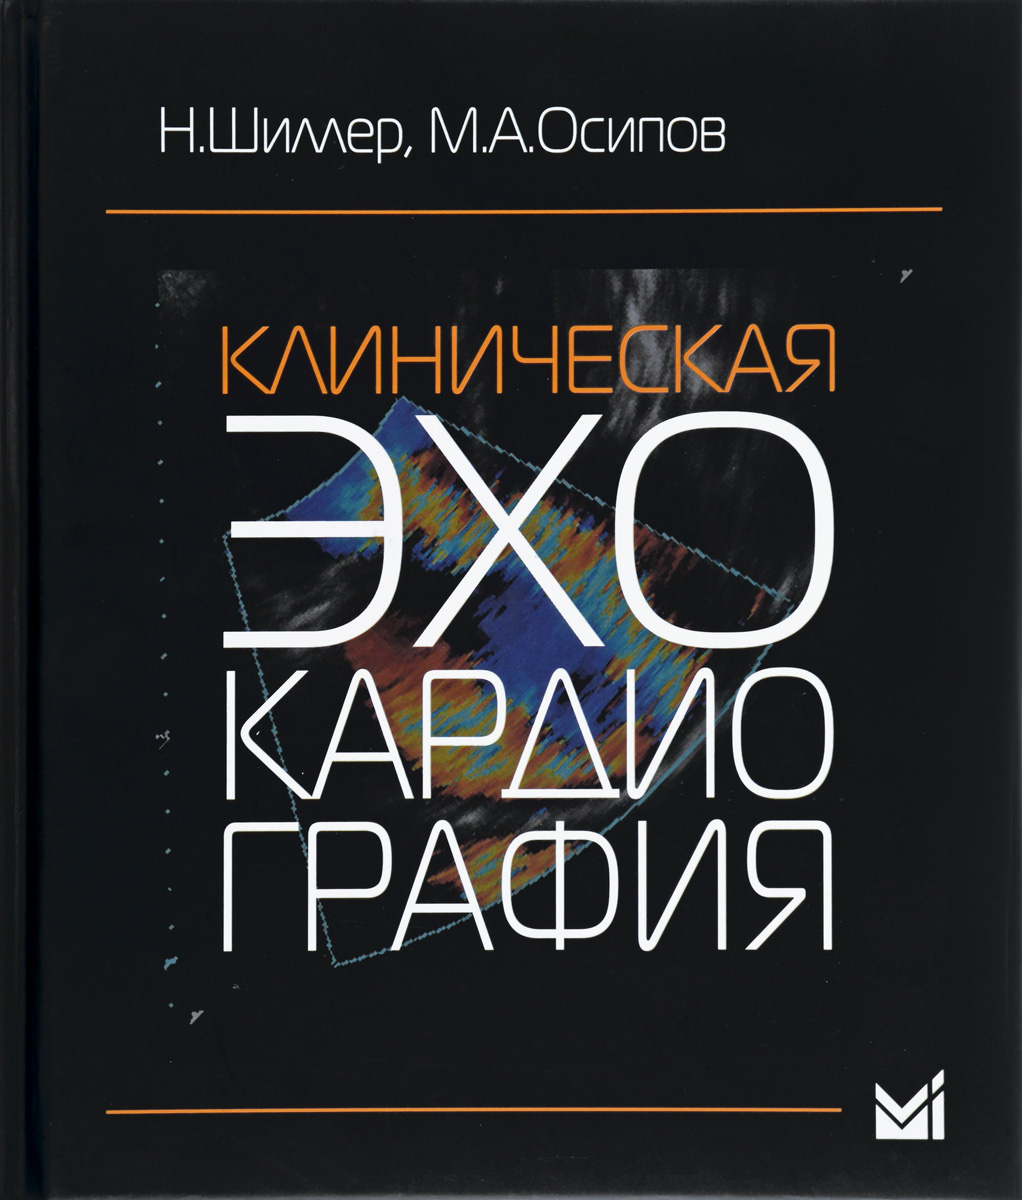 Клиническая эхокардиография. Н. Б. Шиллер, М. А. Осипов